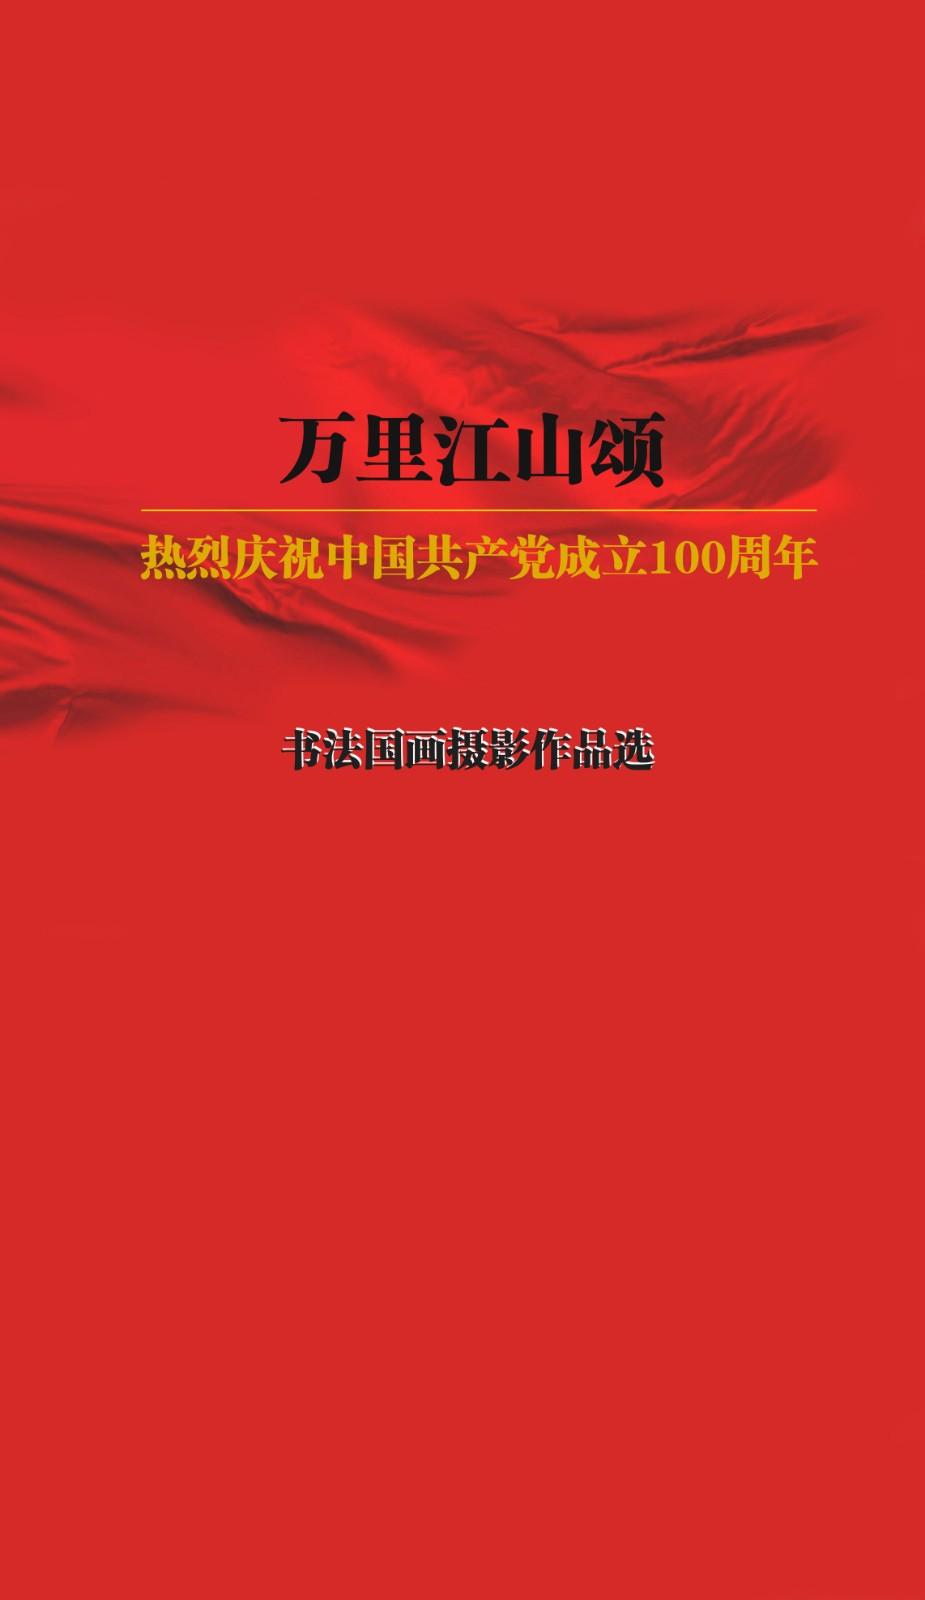 万里江山颂--漠墨园艺术系列活动(第一集)_图1-1